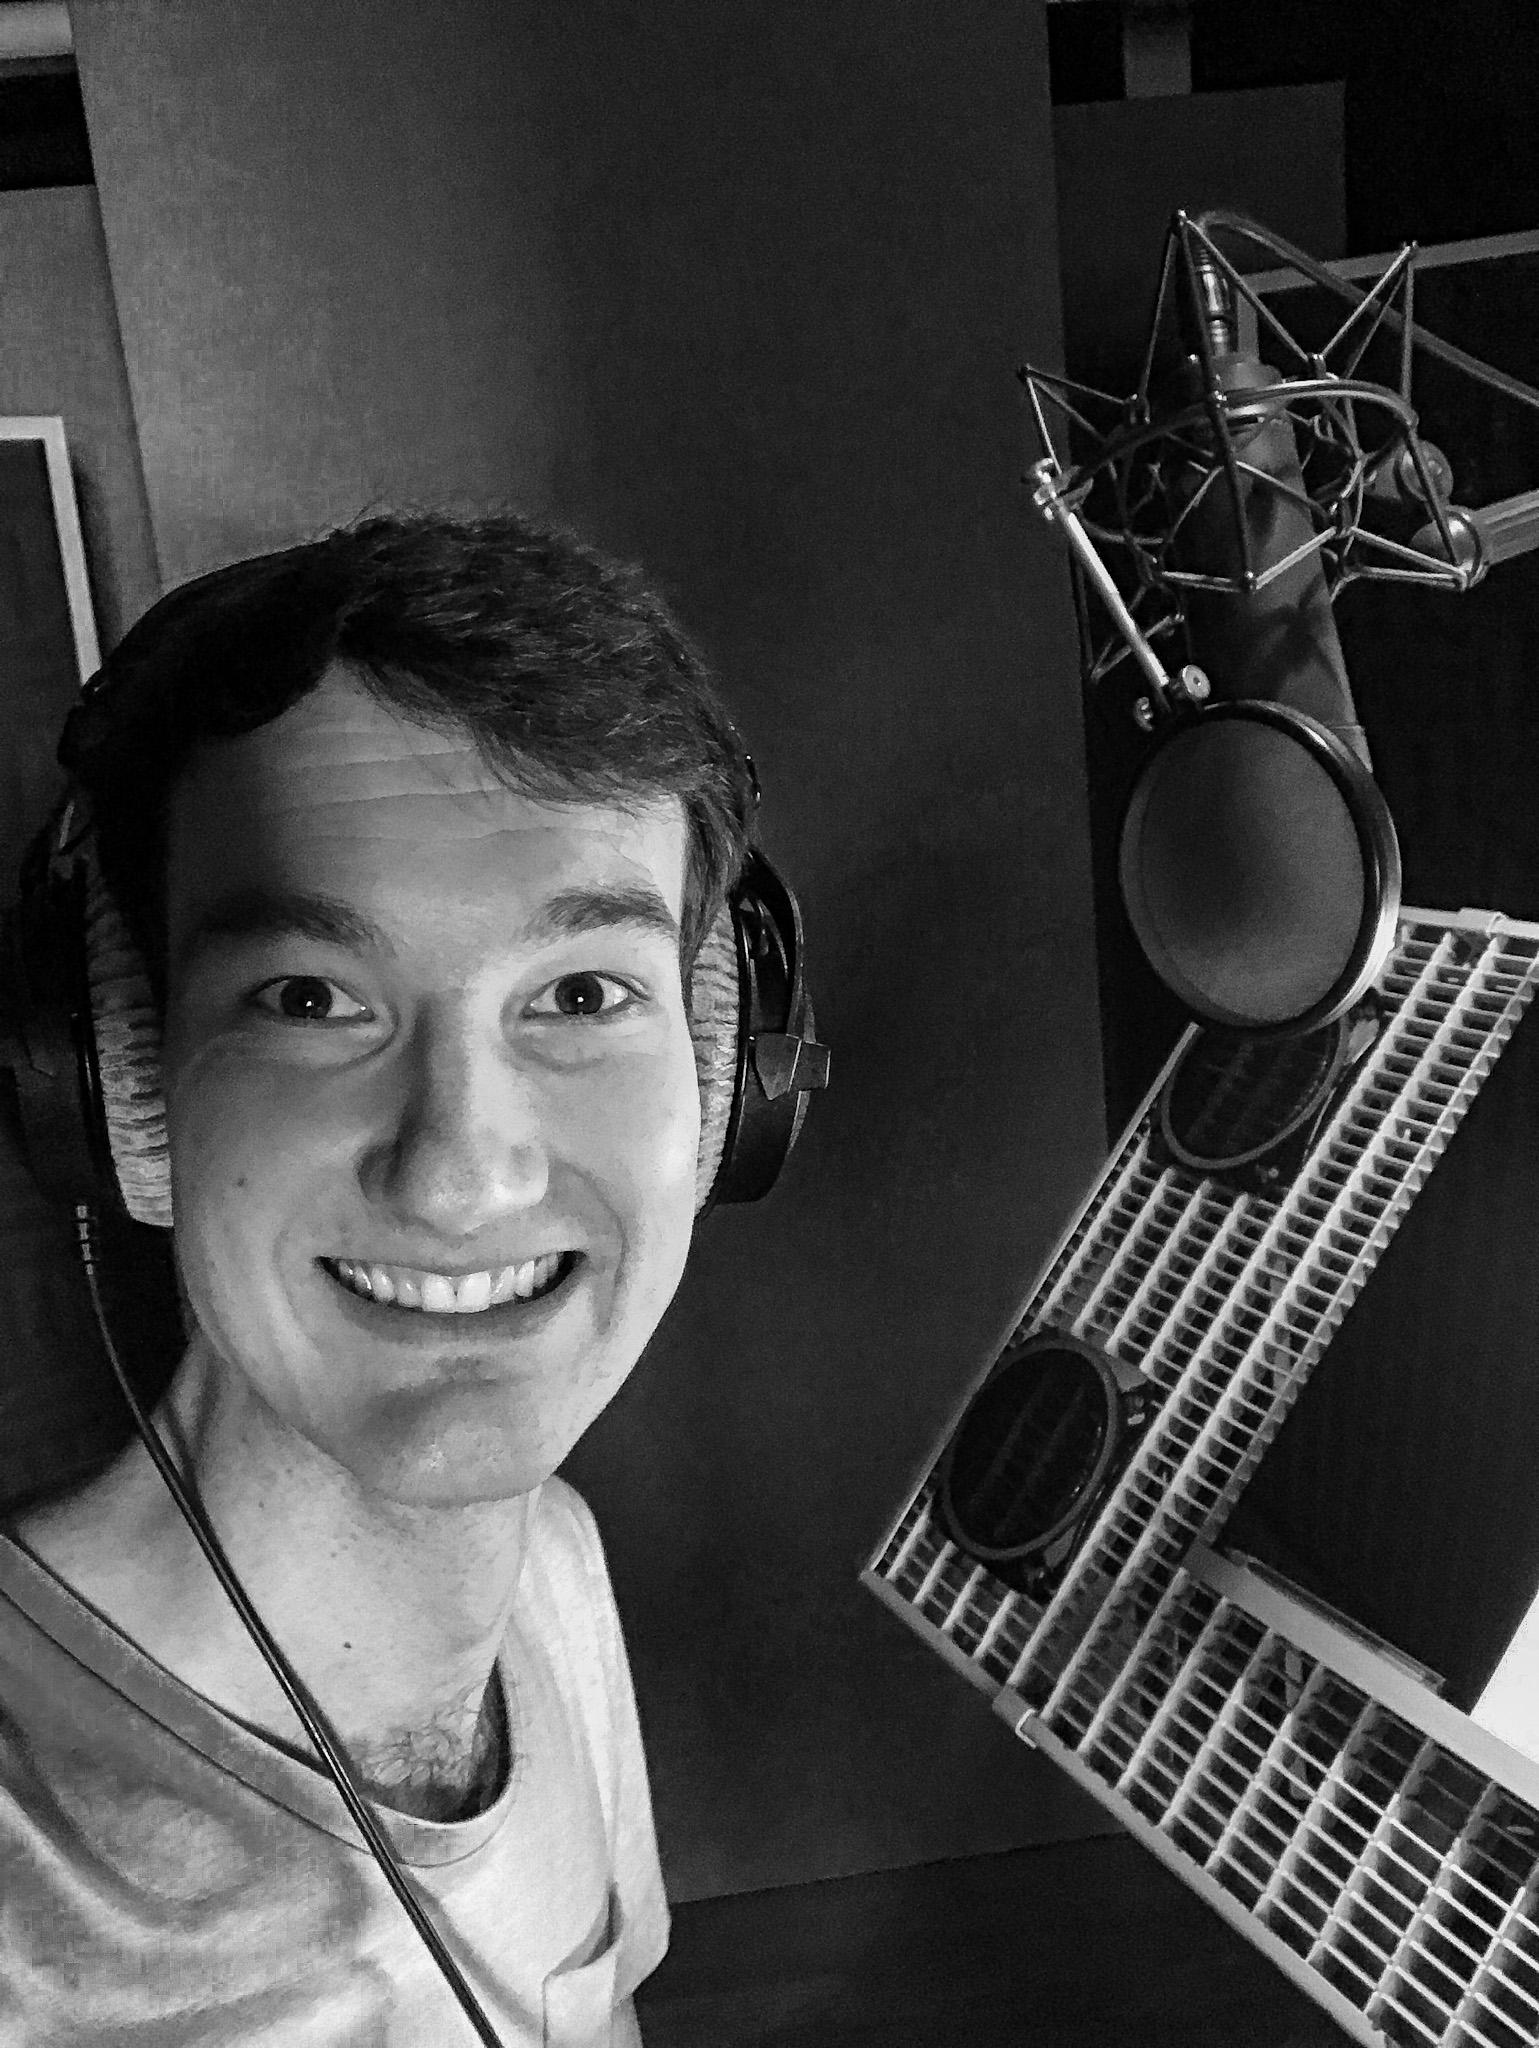 Ein Schwarz-Weiß-Selfie von Werbesprecher Florian Eib. Er grinst in die Kamera und hat einen Studiokopfhörer auf. Rechts im Bild befindet sich ein großes Aufnahmemikrofon mit einem Popschutz davor. Das Mikrofon hängt über einer Textablage, Foto: Florian Eib.